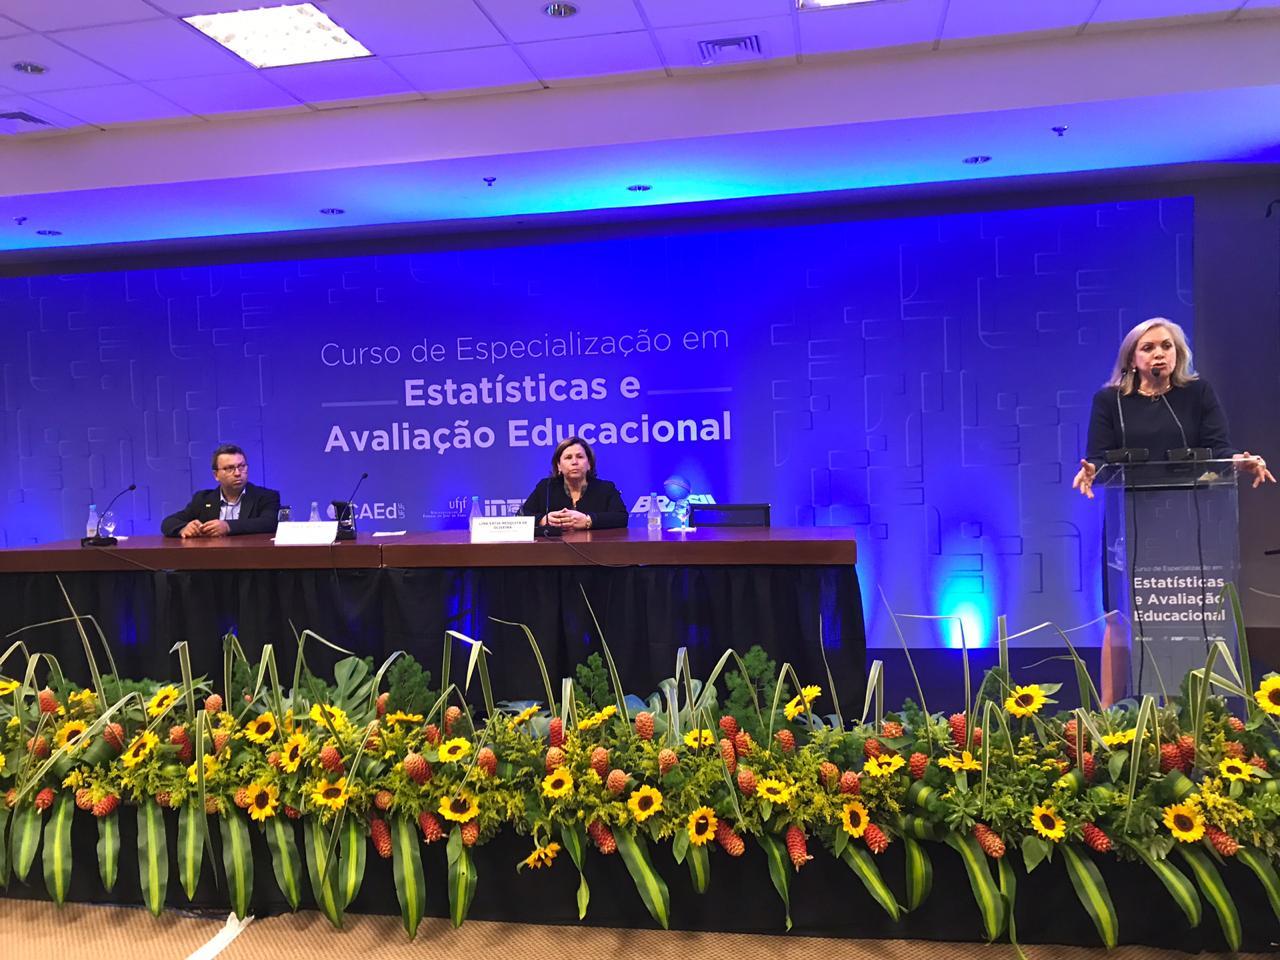 Undime participa da cerimônia de abertura do Curso de Especialização em Estatísticas e Avaliação Educacional do Inep